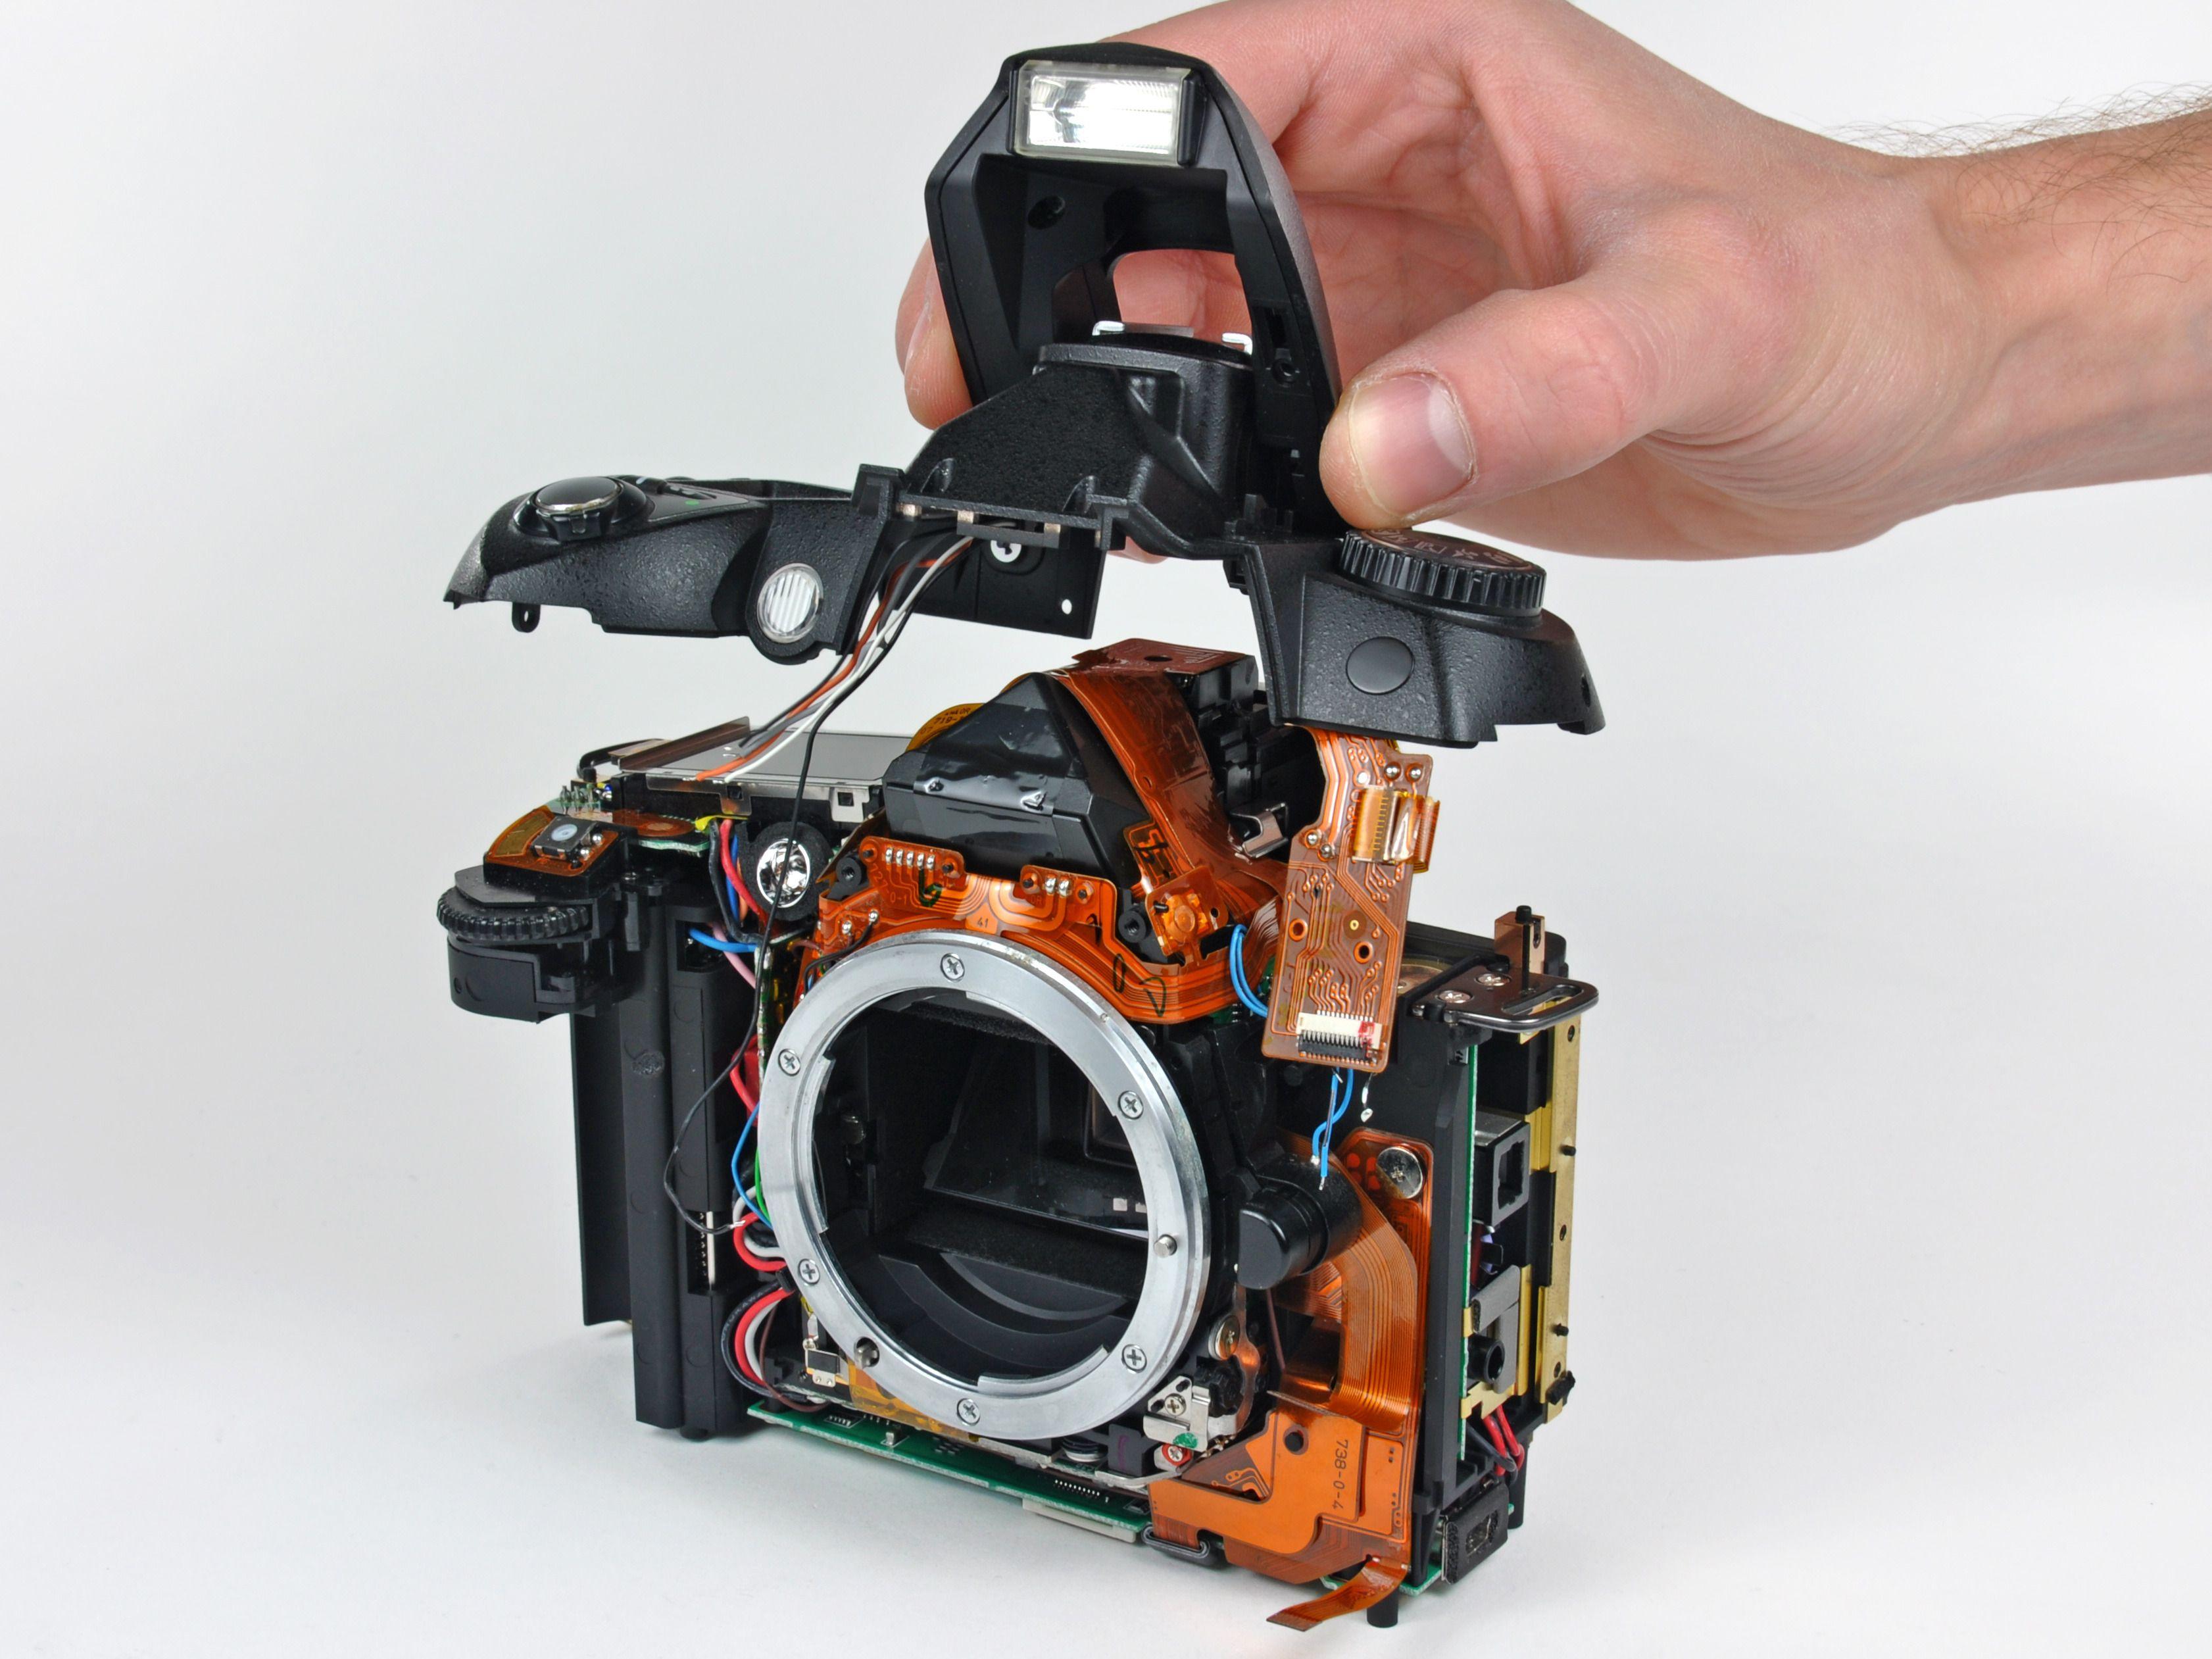 Appareil photo démonté en cours de réparation.